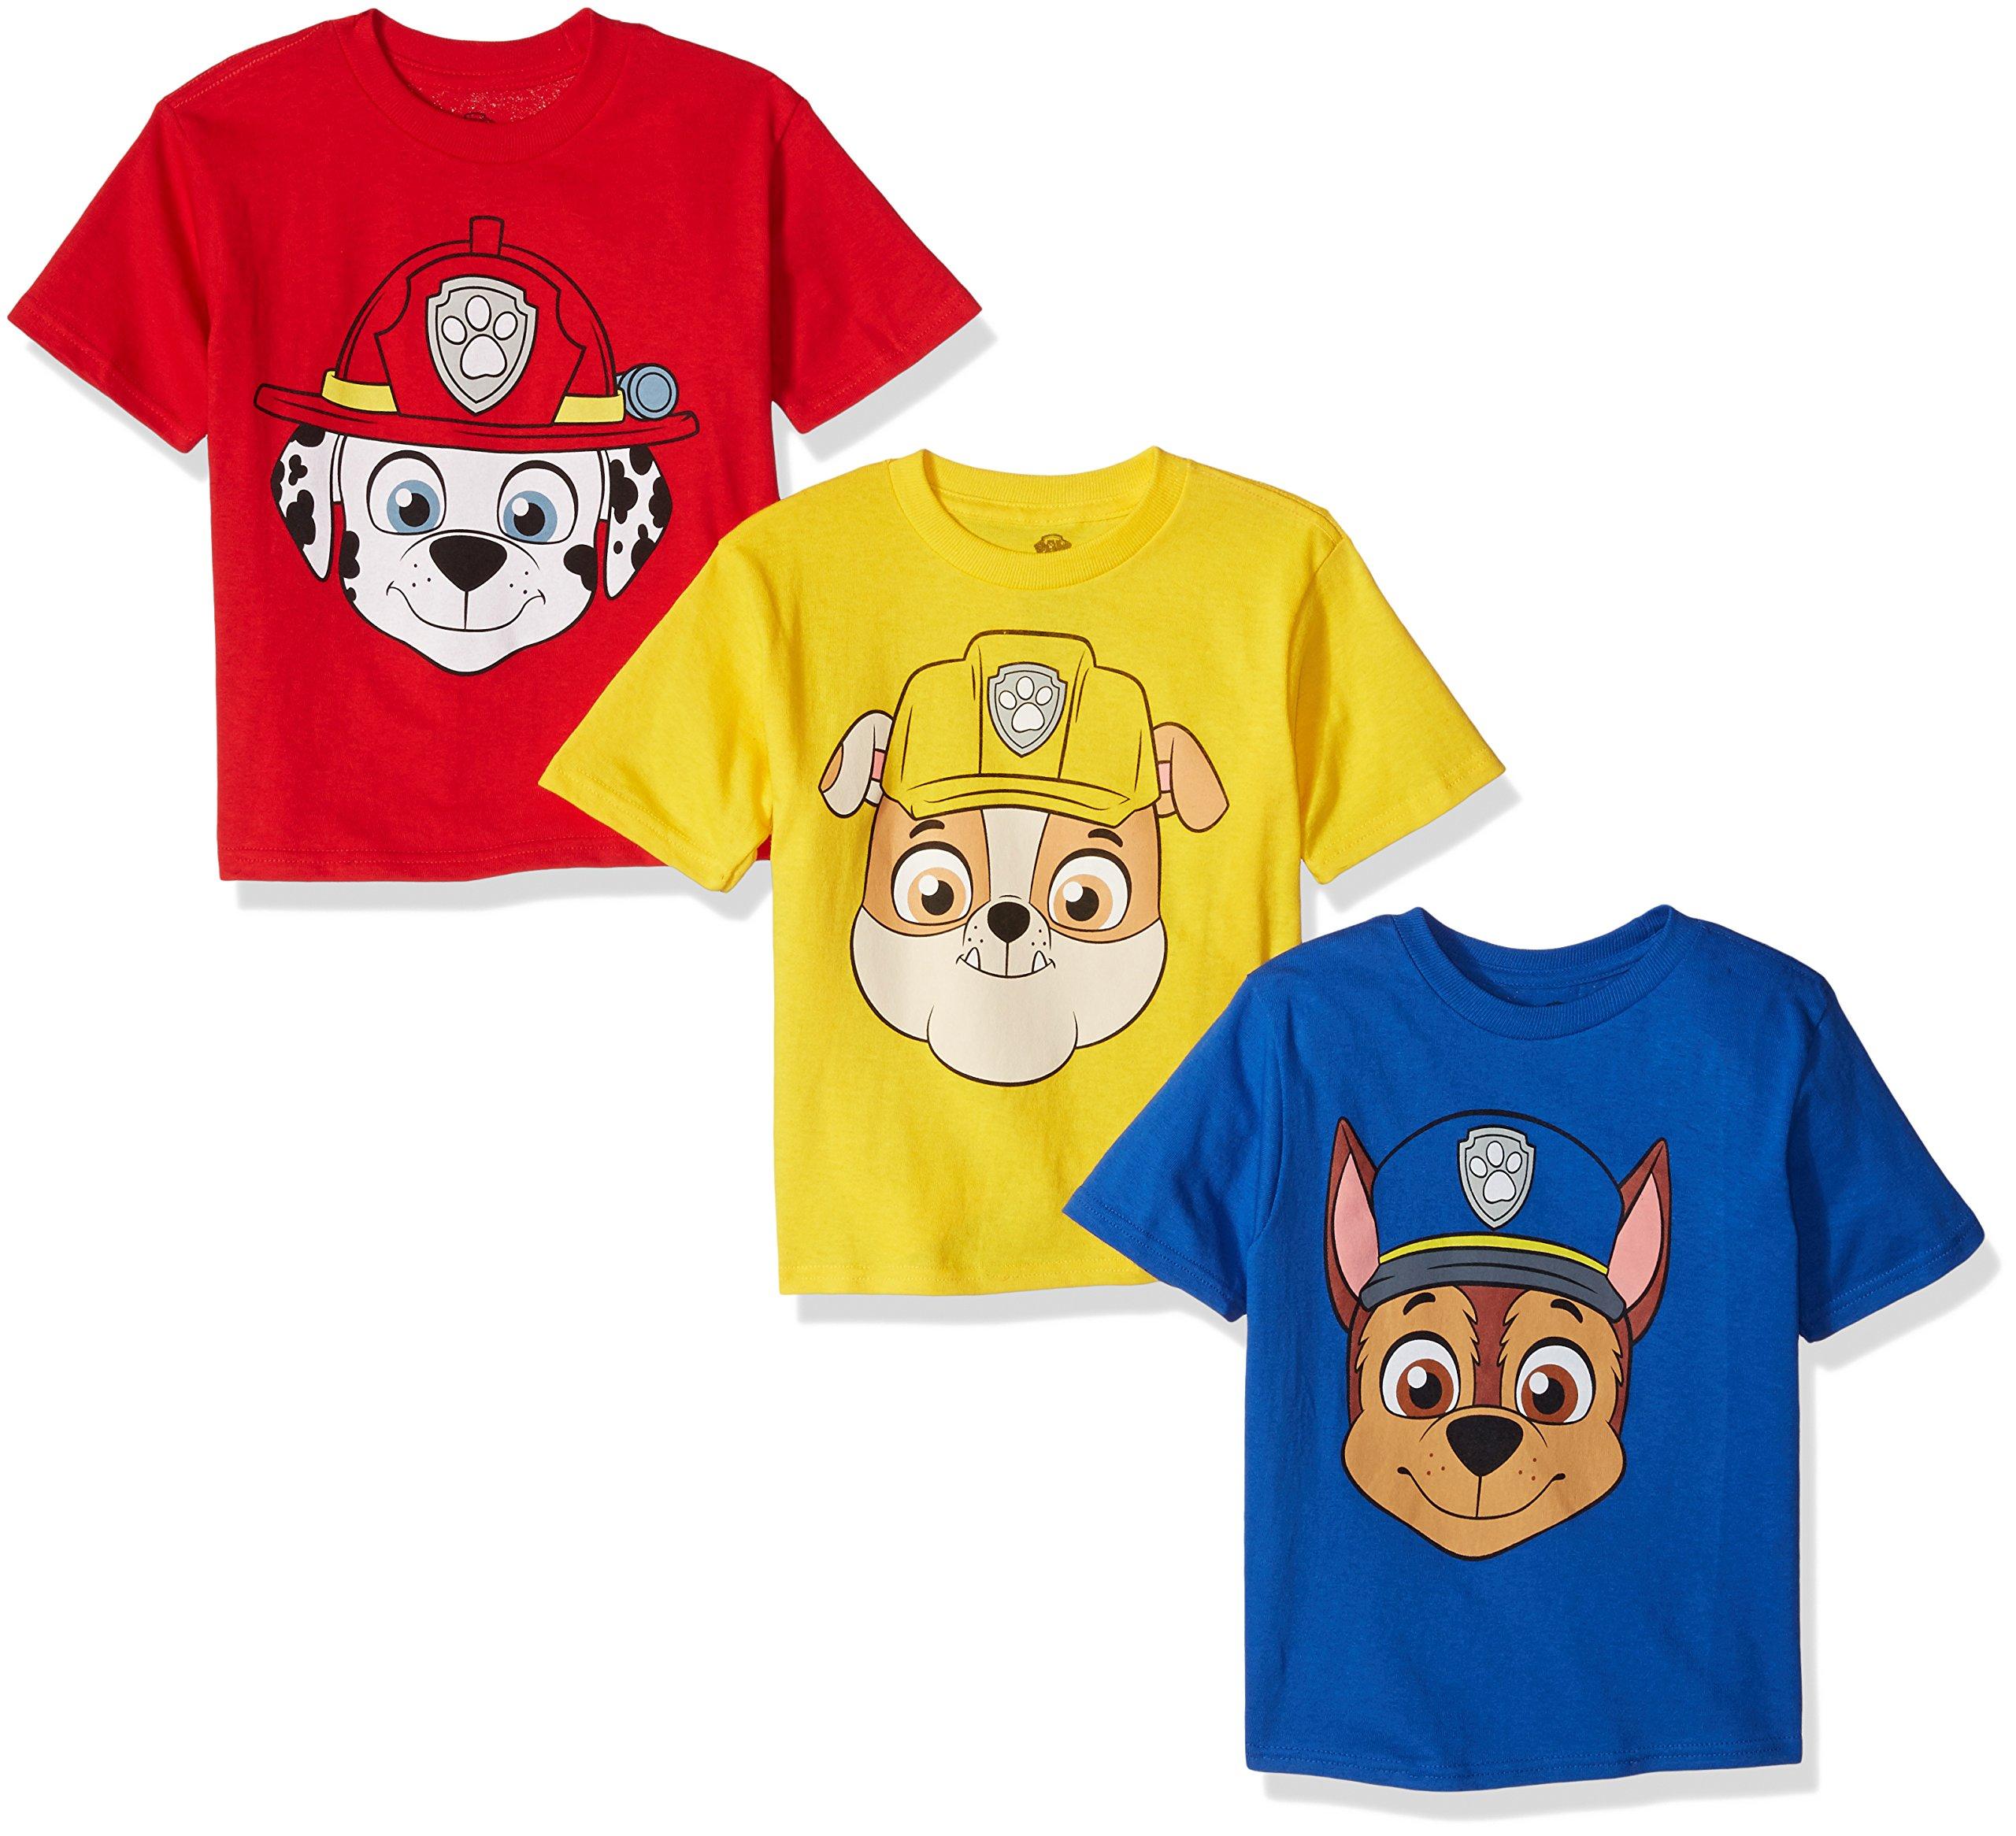 Nickelodeon Boys Toddler